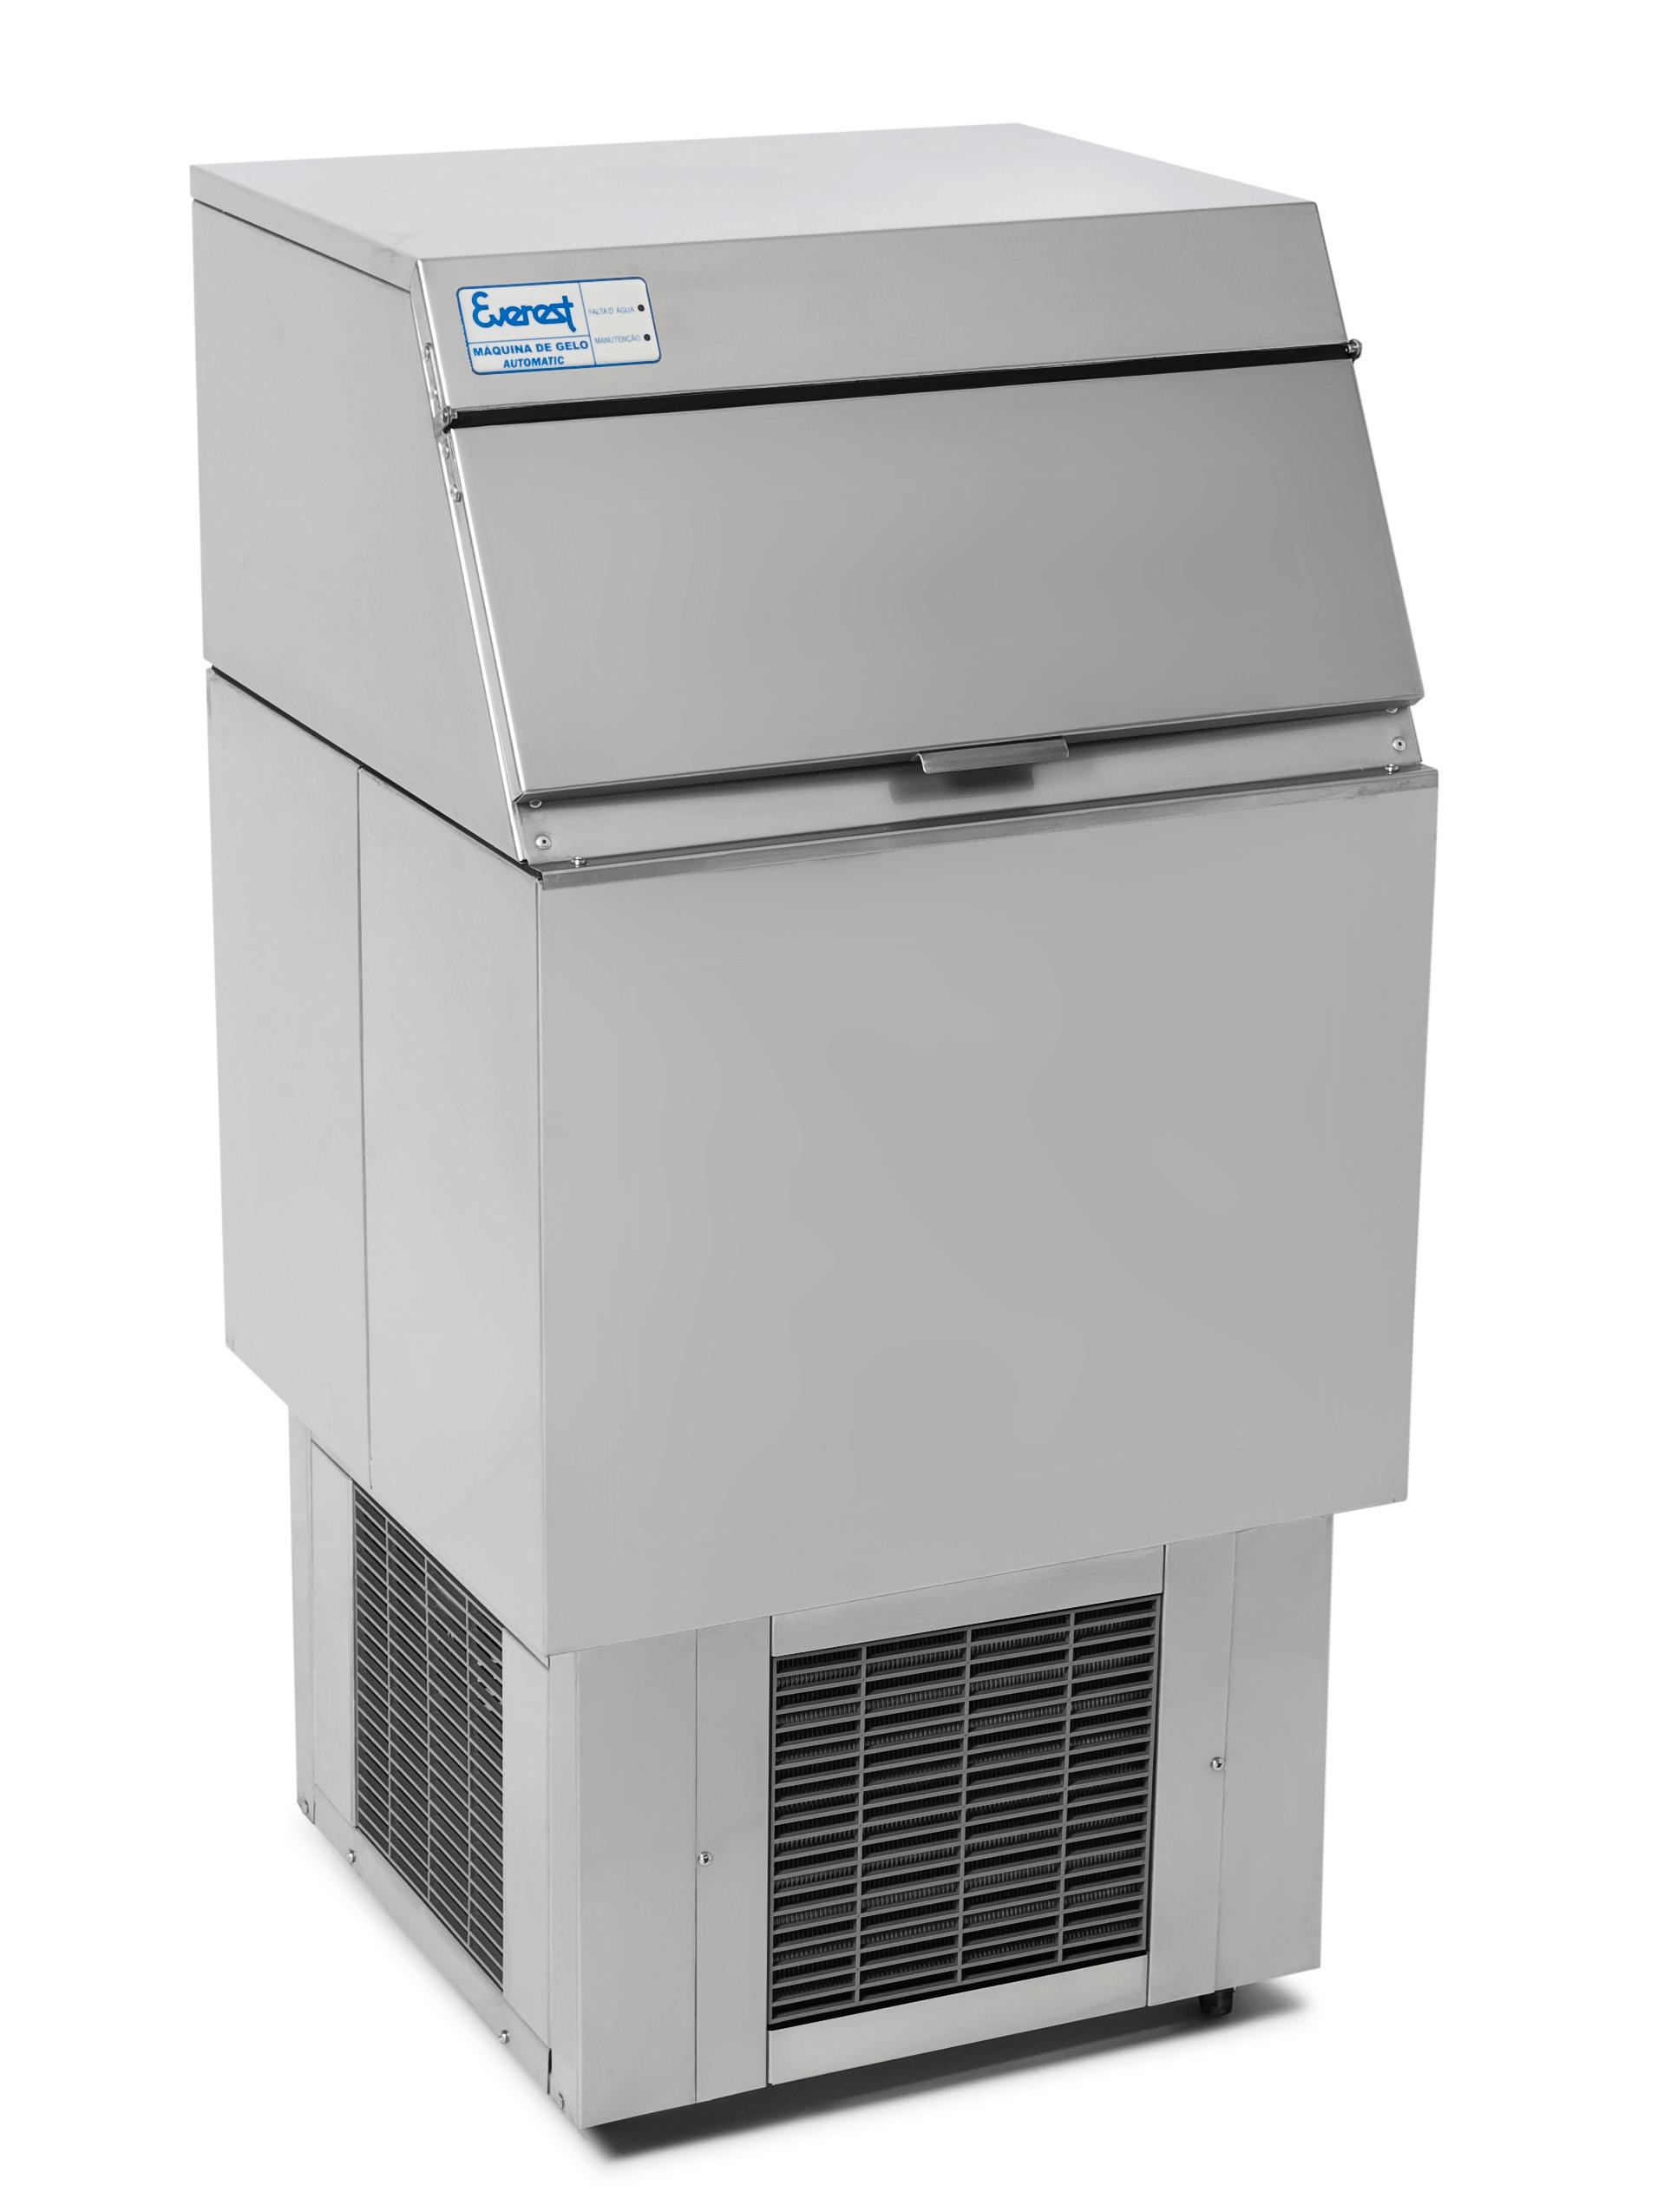 comprar maquina de gelo Egc 75